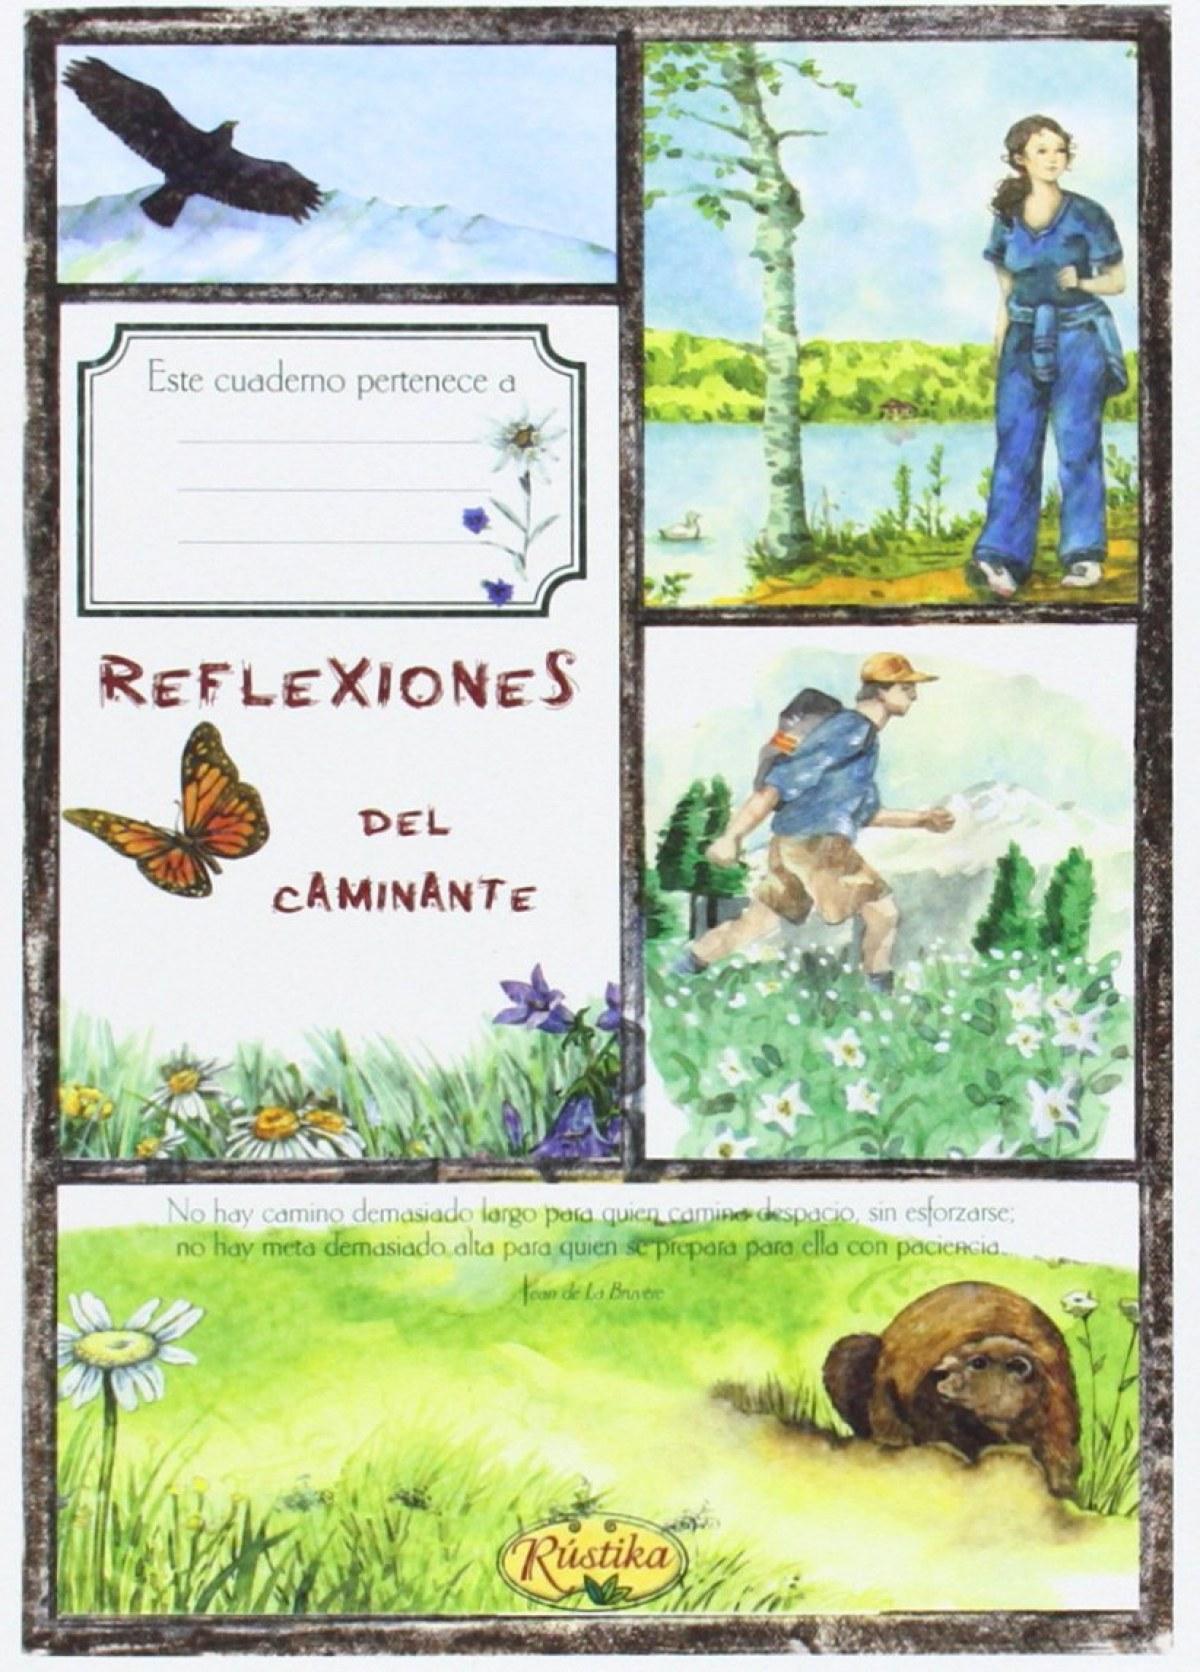 Reflexiones del caminante 9788490870167